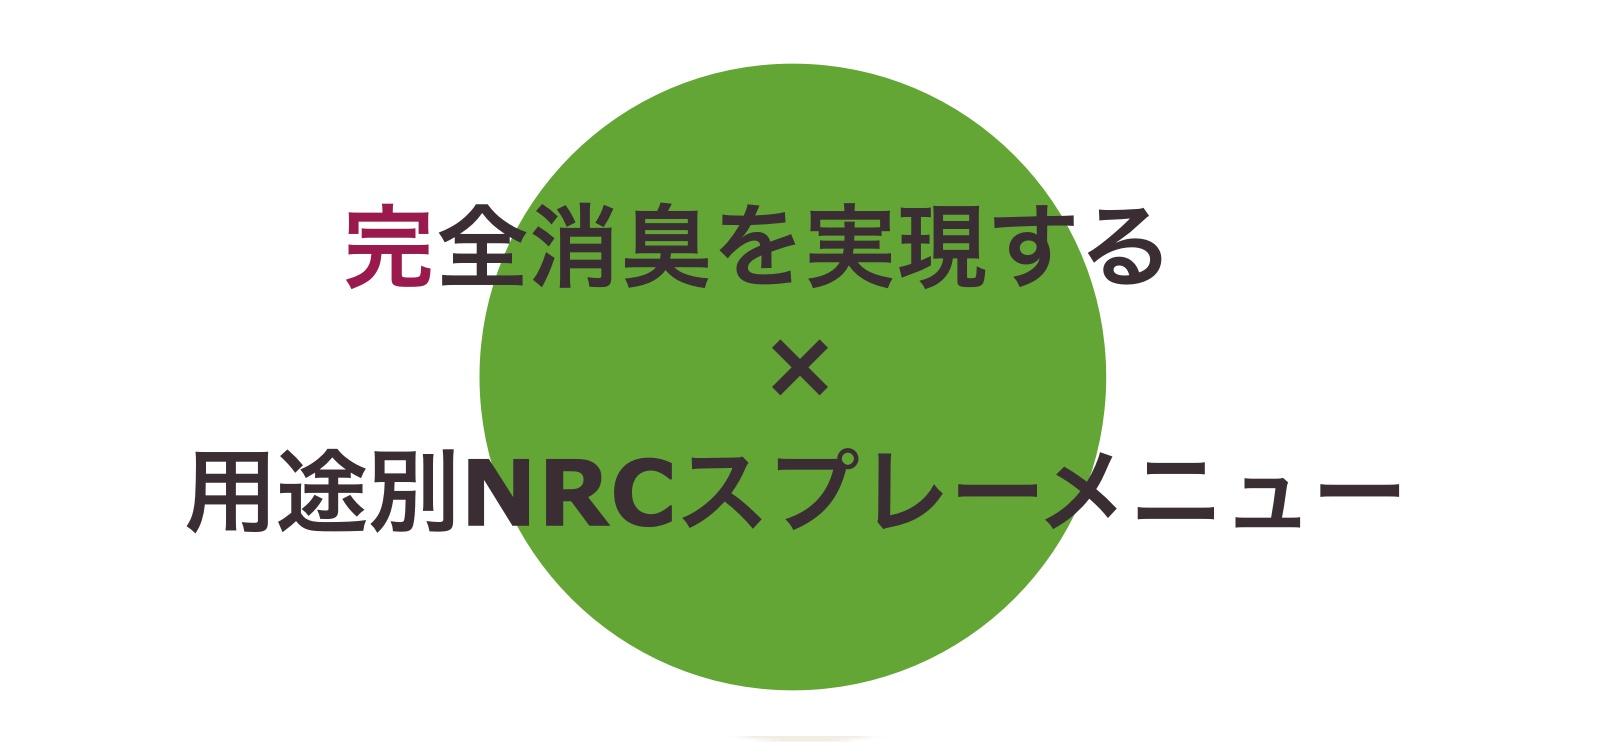 タイトル完全消臭を実現する用途別NRCスプレーメニュー